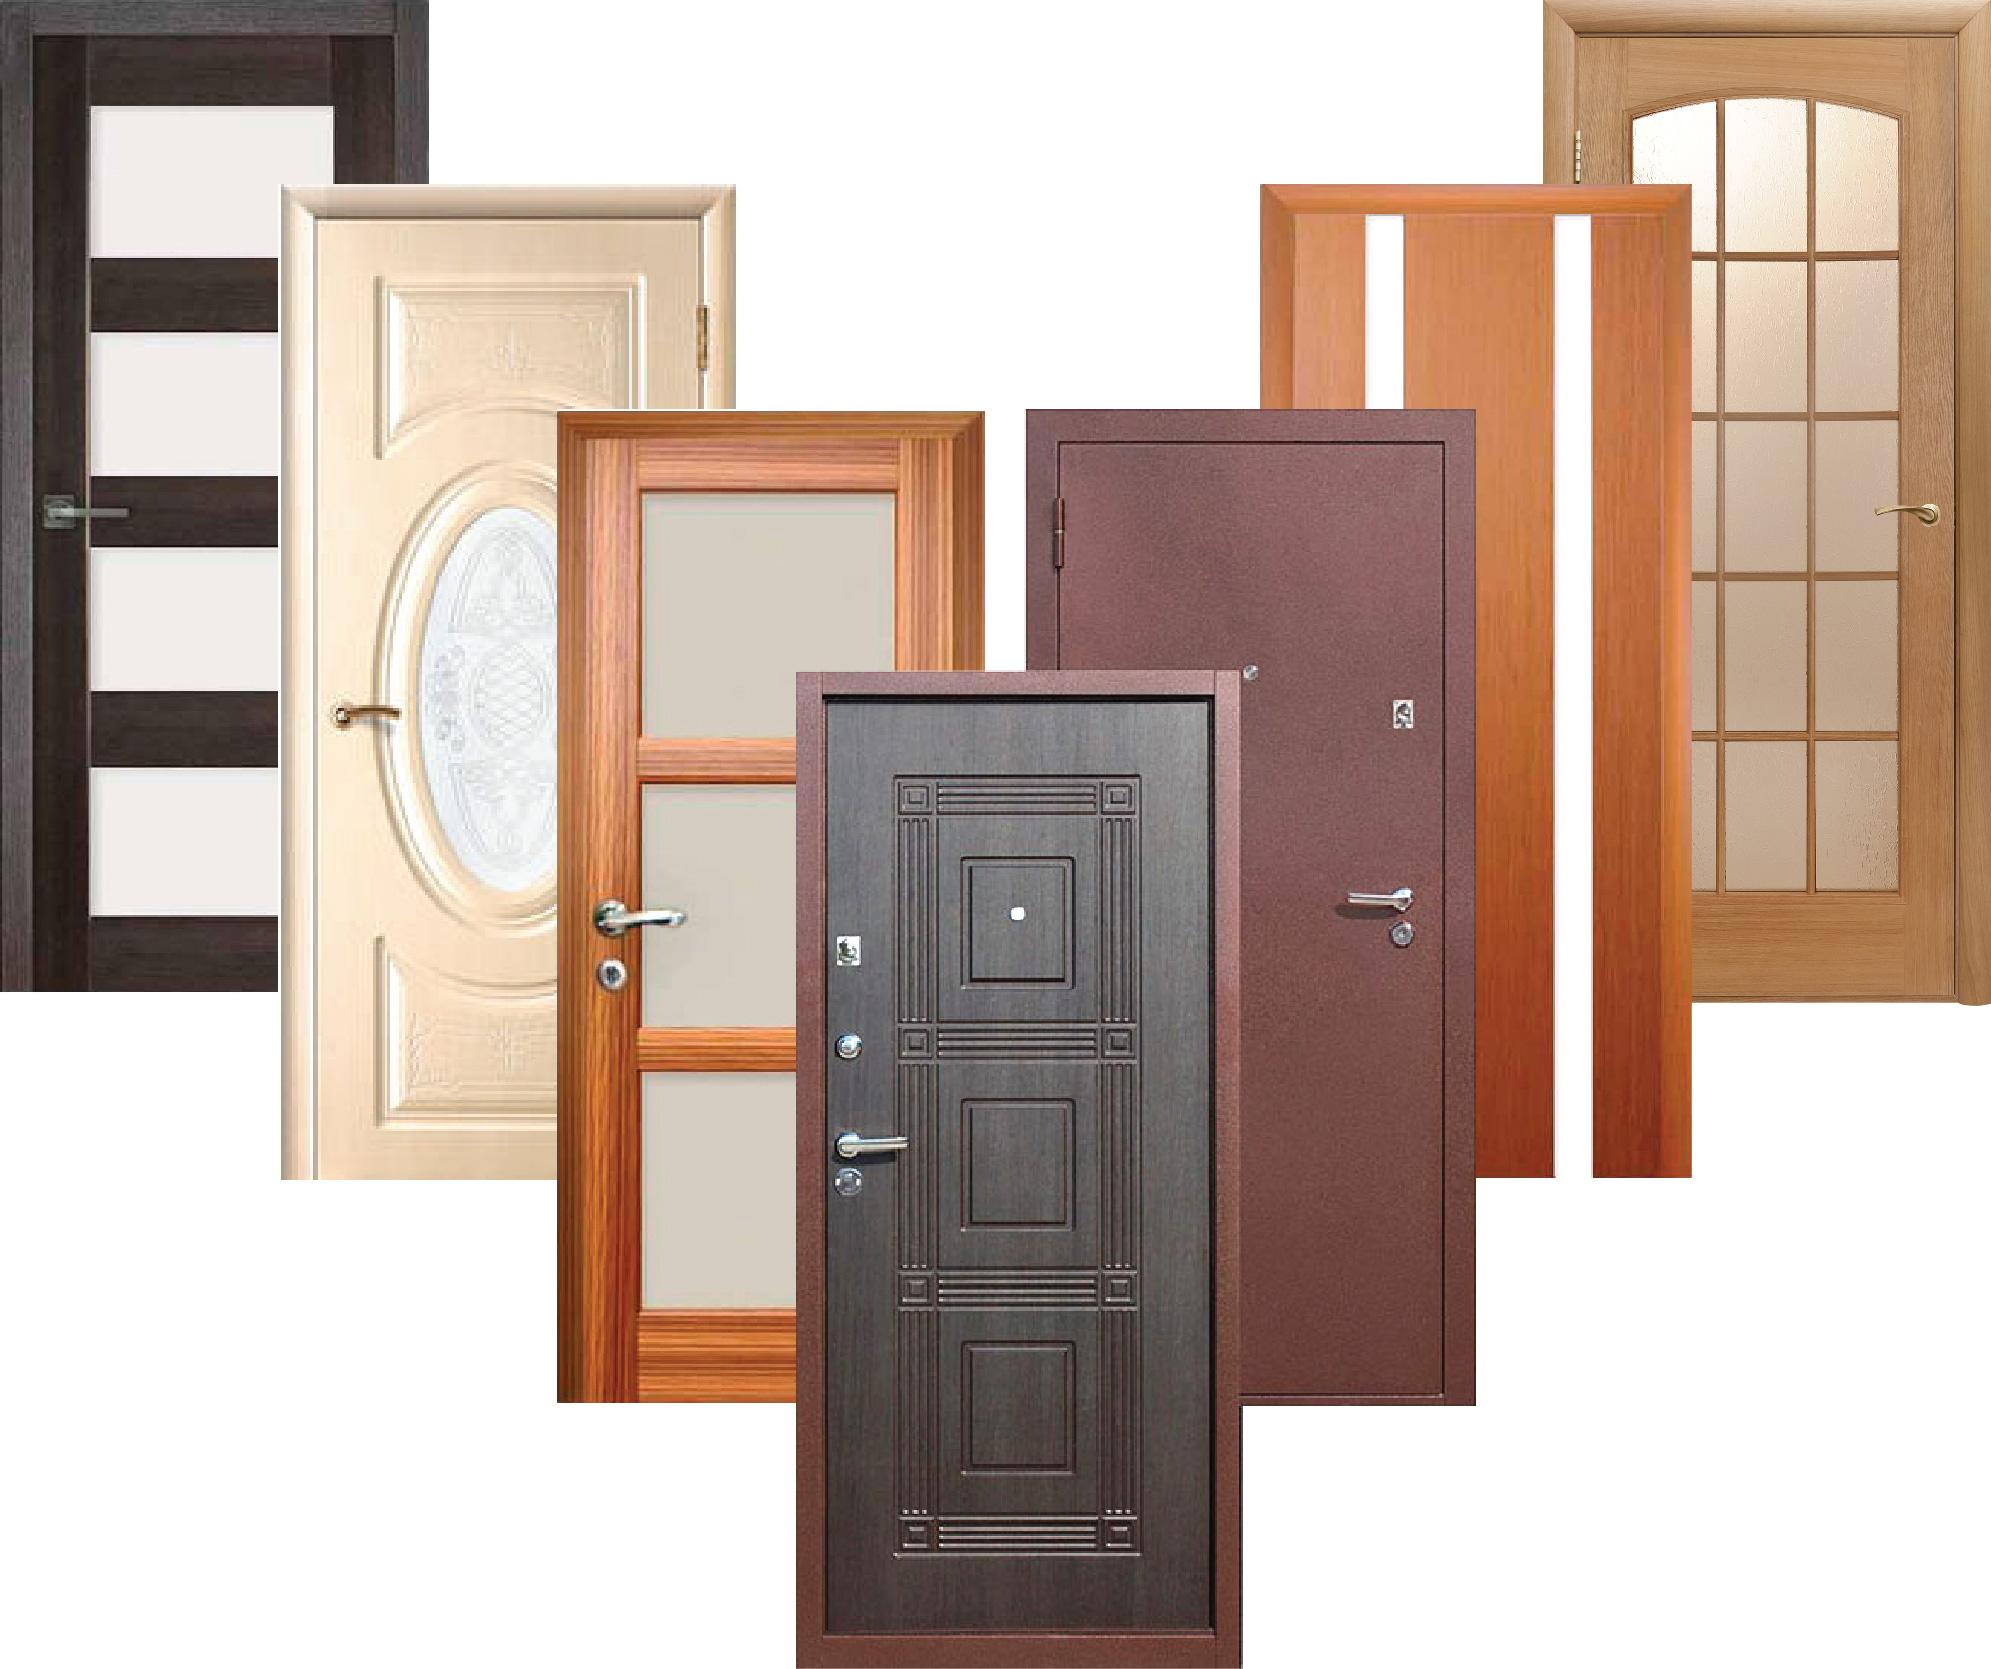 ТОП-7 стильных входных и межкомнатных дверей в 2020 году